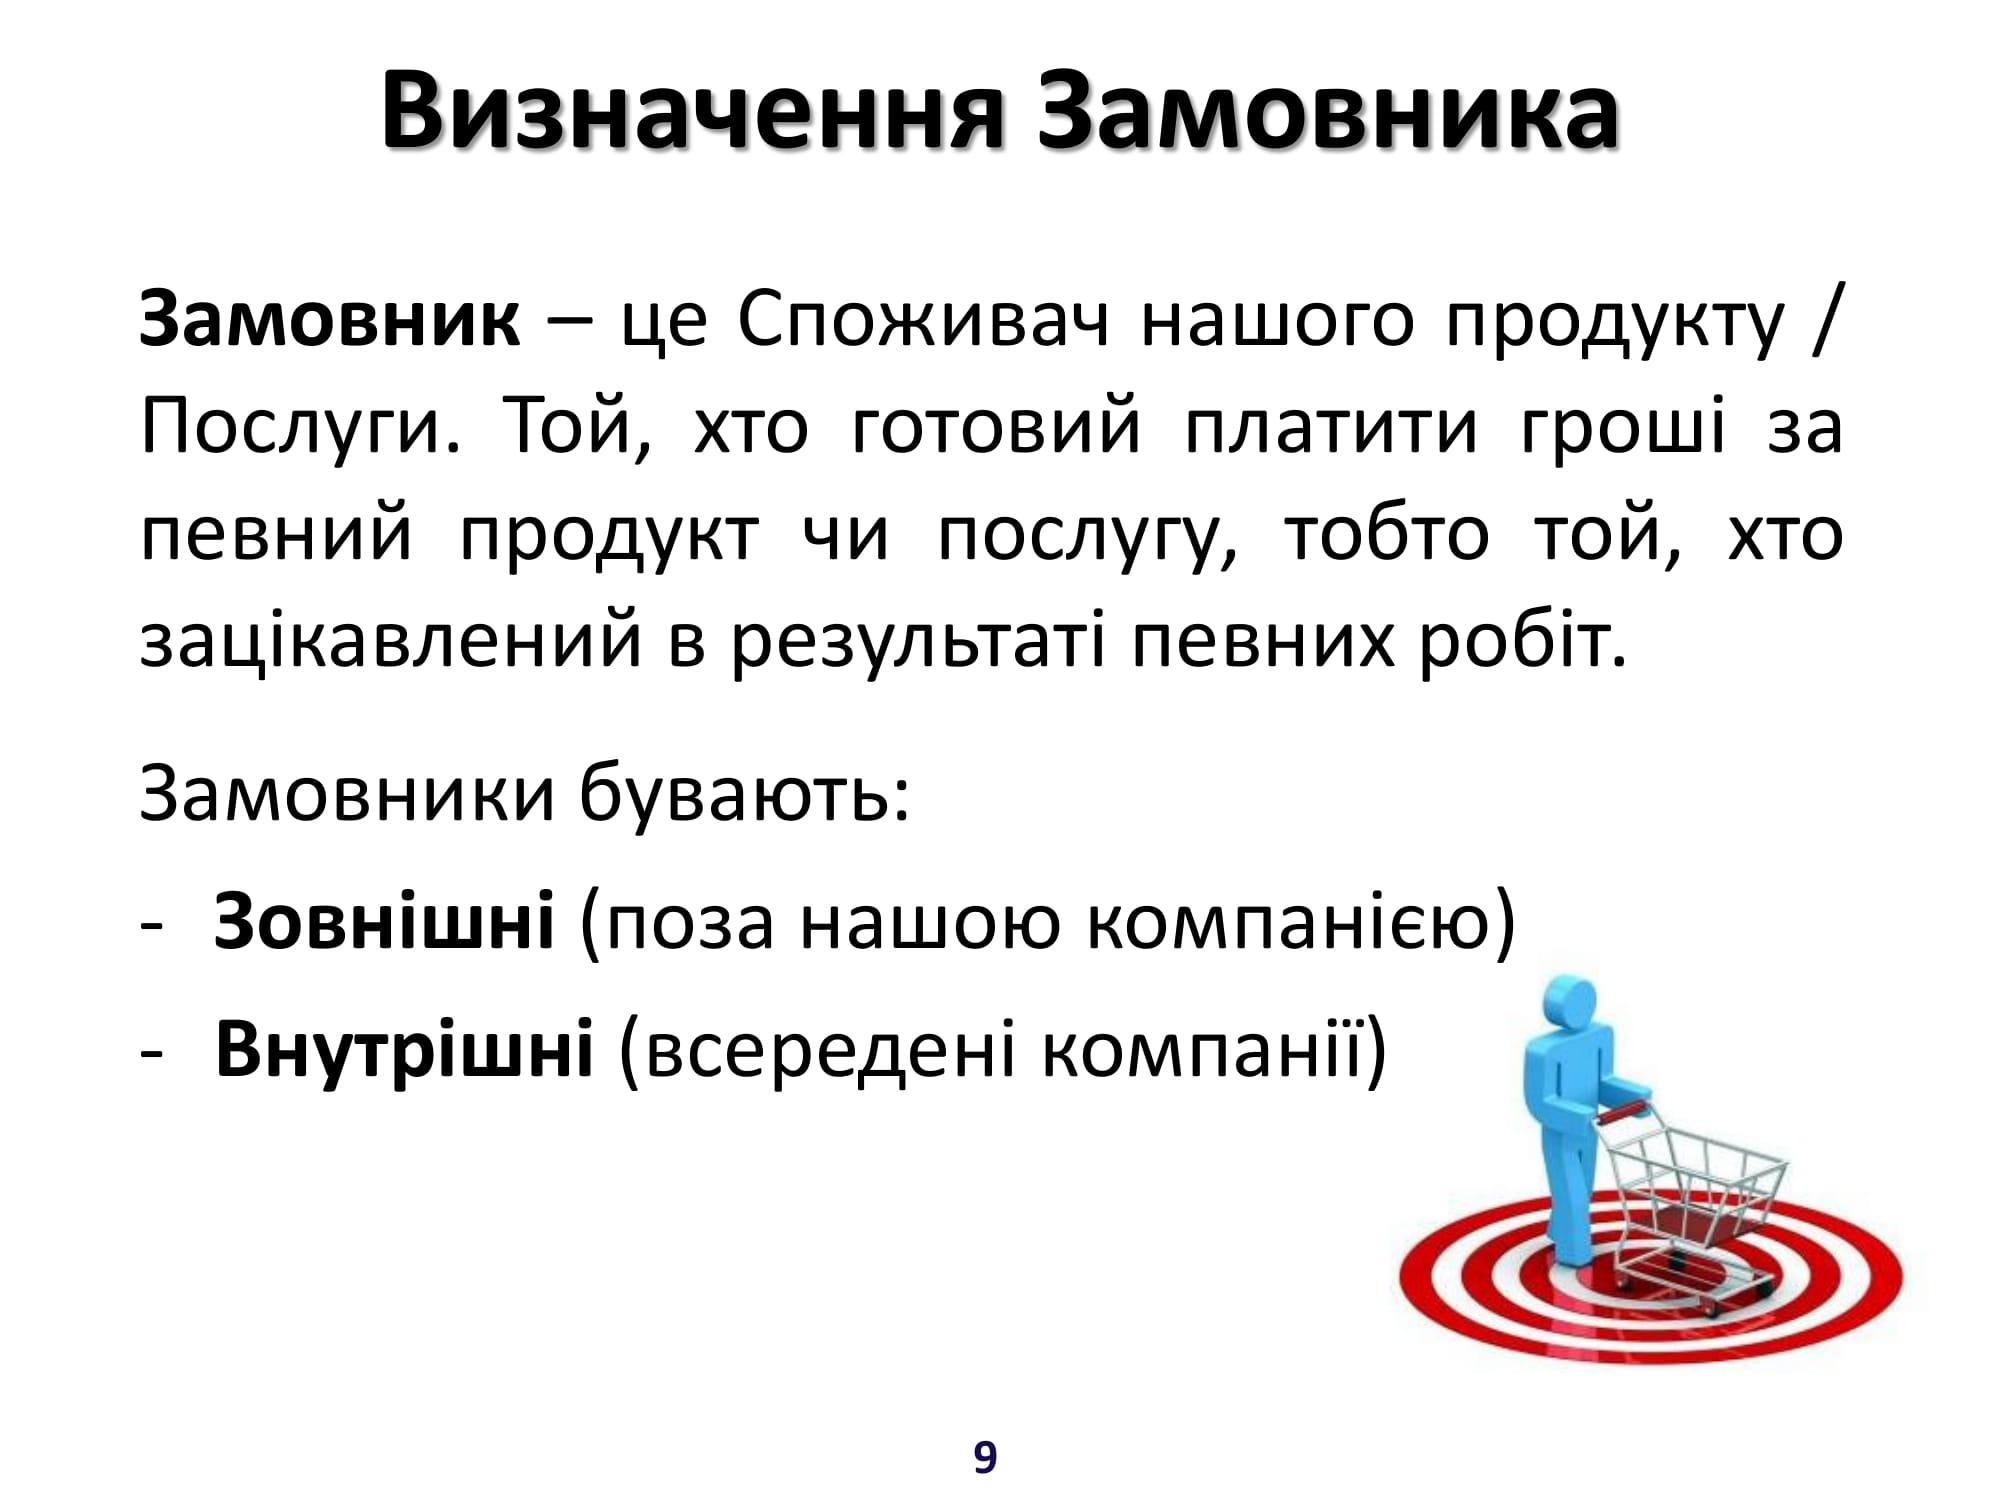 Romantsov Roman Oshhadlyve Fermerstvo 15 03 18 09